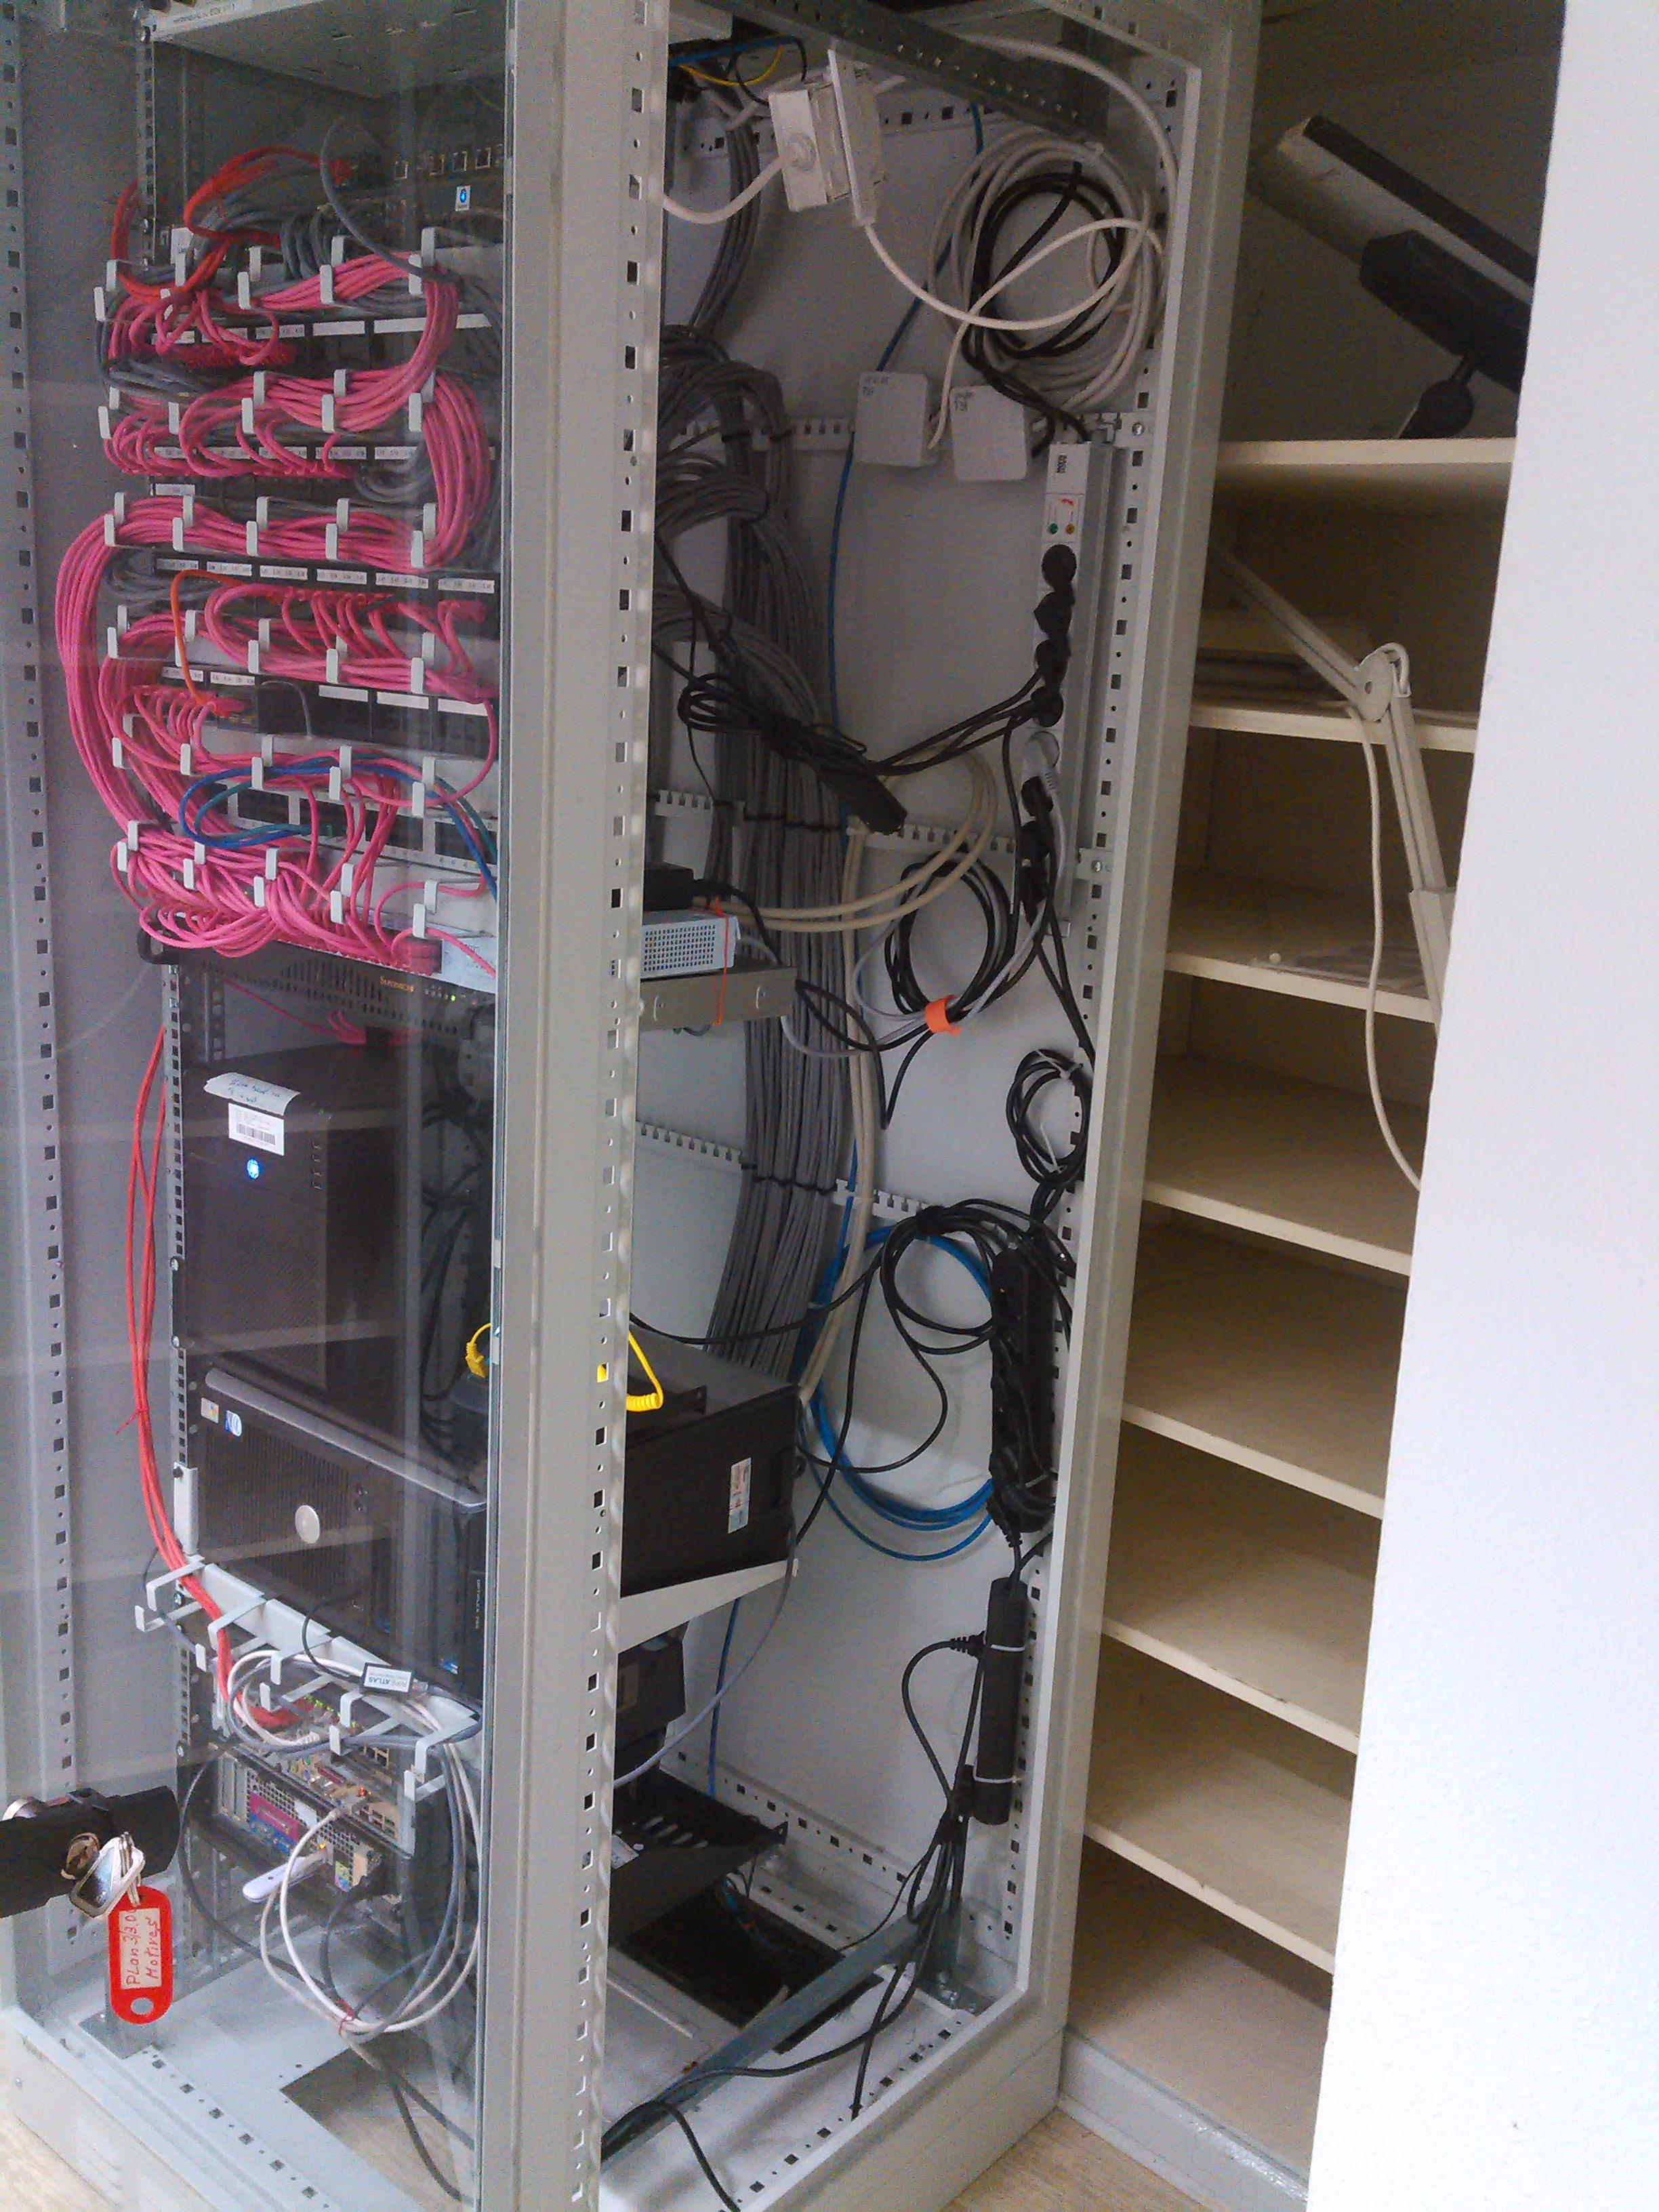 Serverschrank – seitlich geöffnet mit Blick auf Stromversorgung und Maschinen